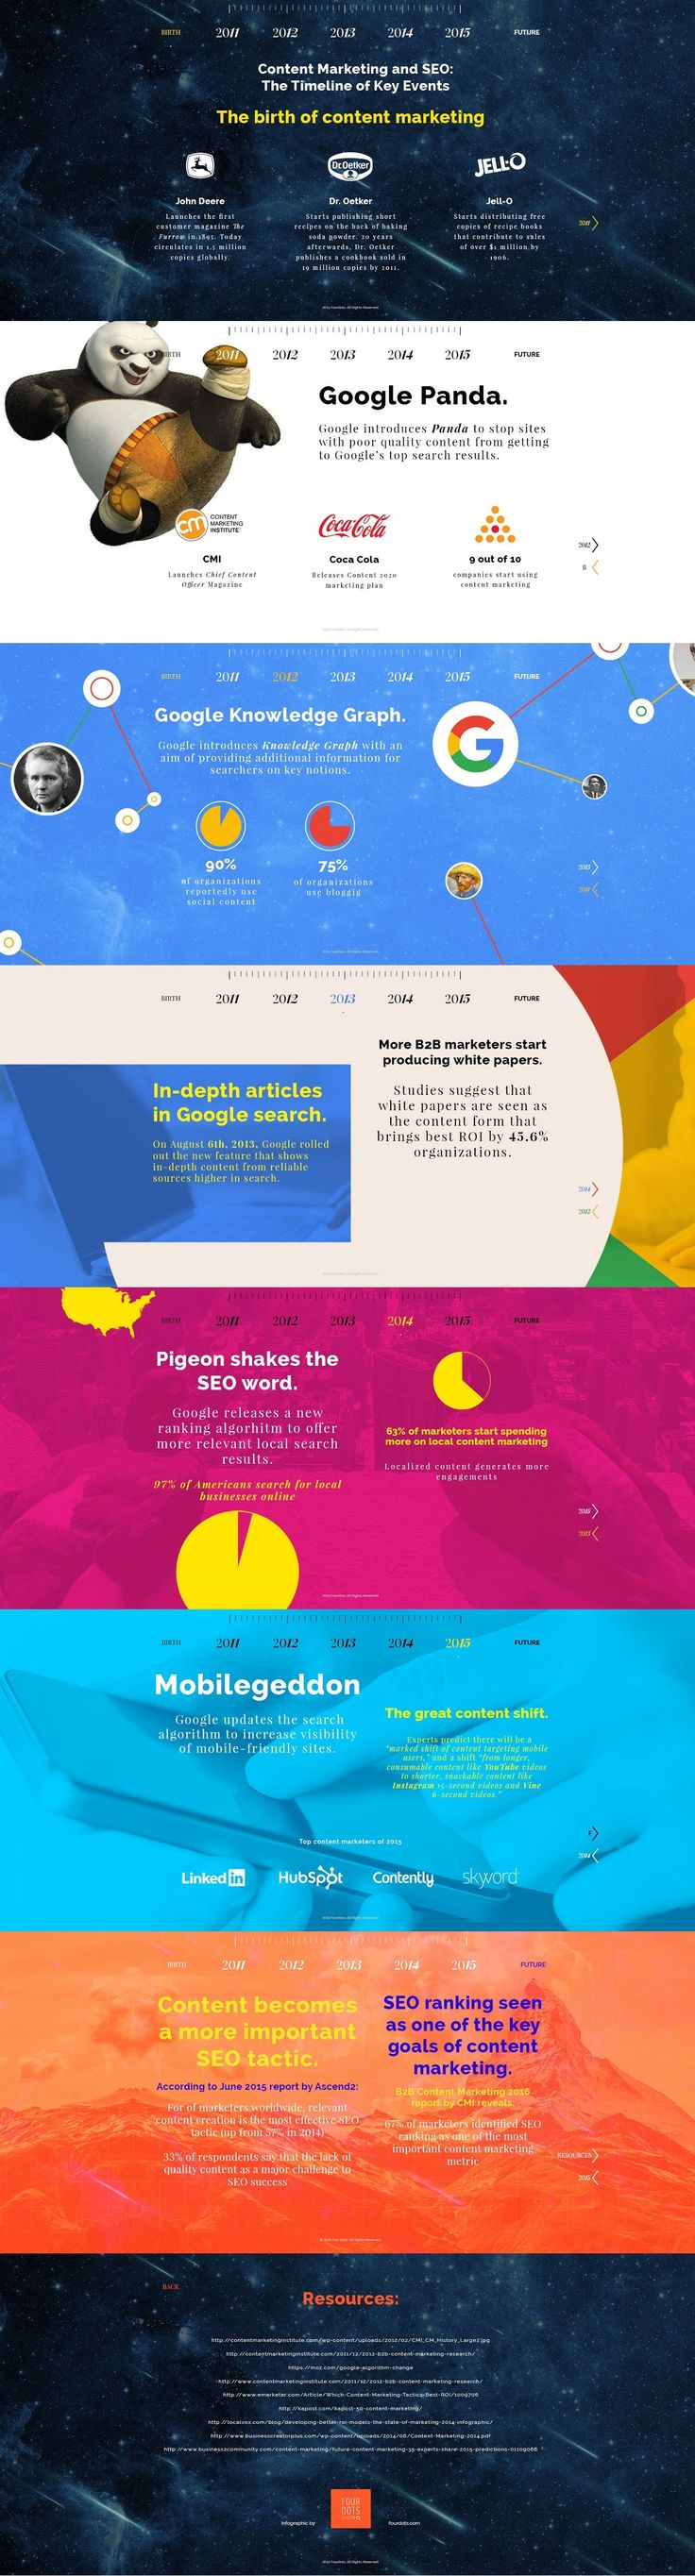 SEO y content marketing: cuando la calidad tiene premio, en: http://vallebroengplus.blogspot.com.es/